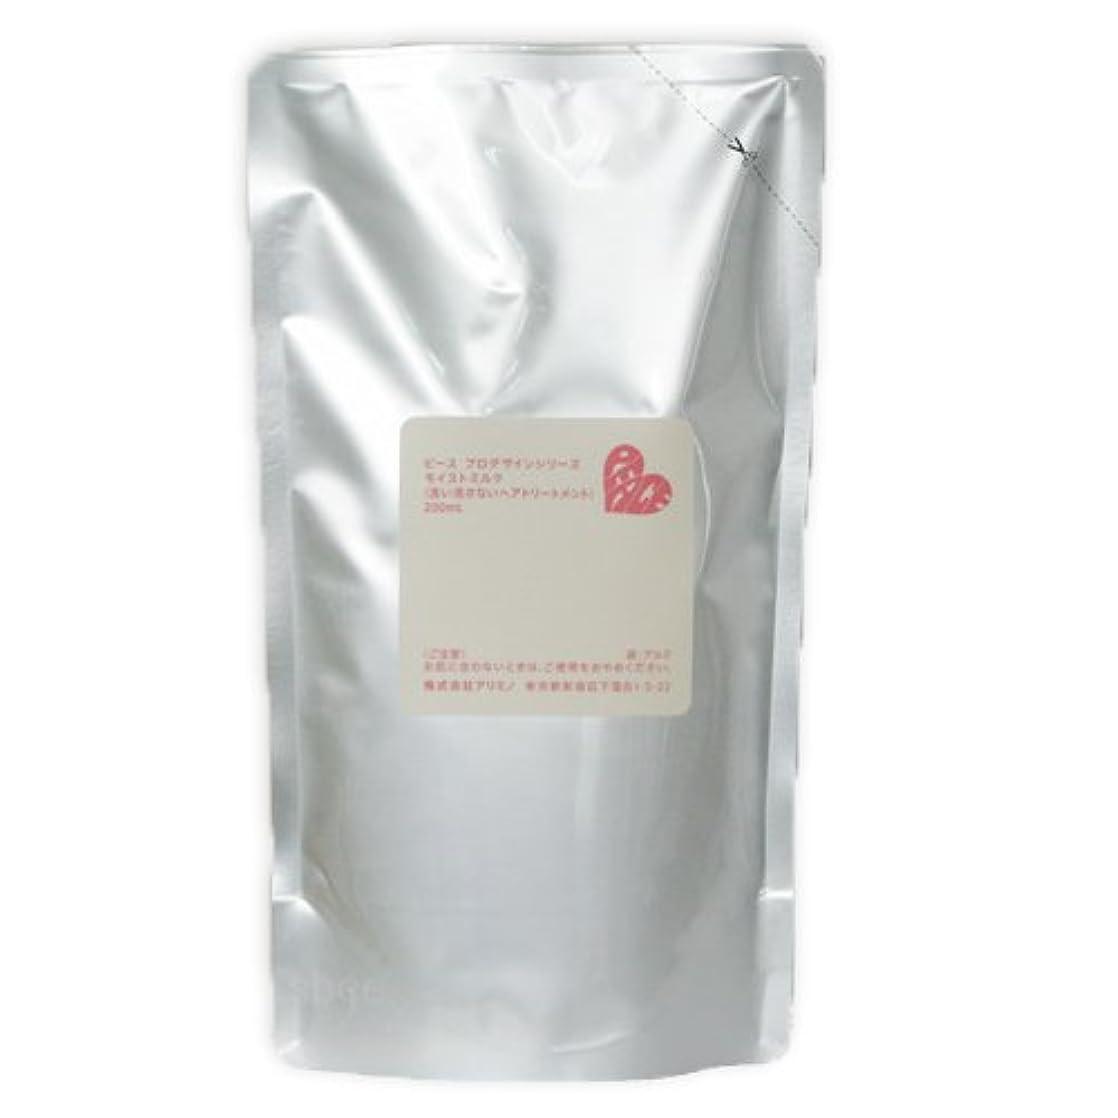 薬を飲む背骨スキャンダルアリミノ ピース モイストミルク バニラ 200mL 詰め替え リフィル